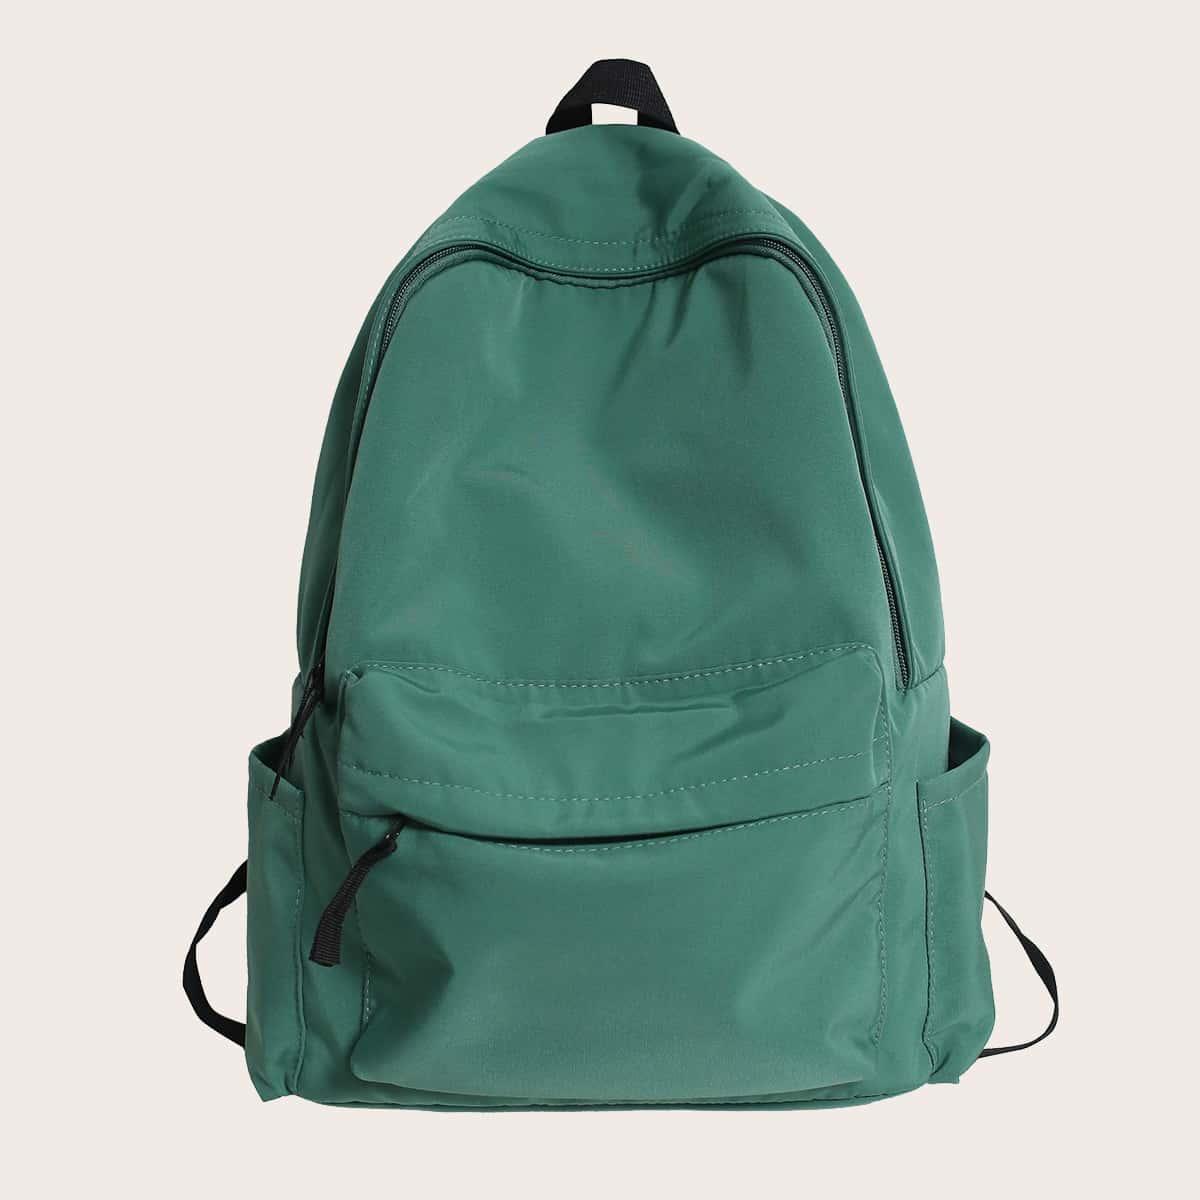 Рюкзак большой емкости минималистичный